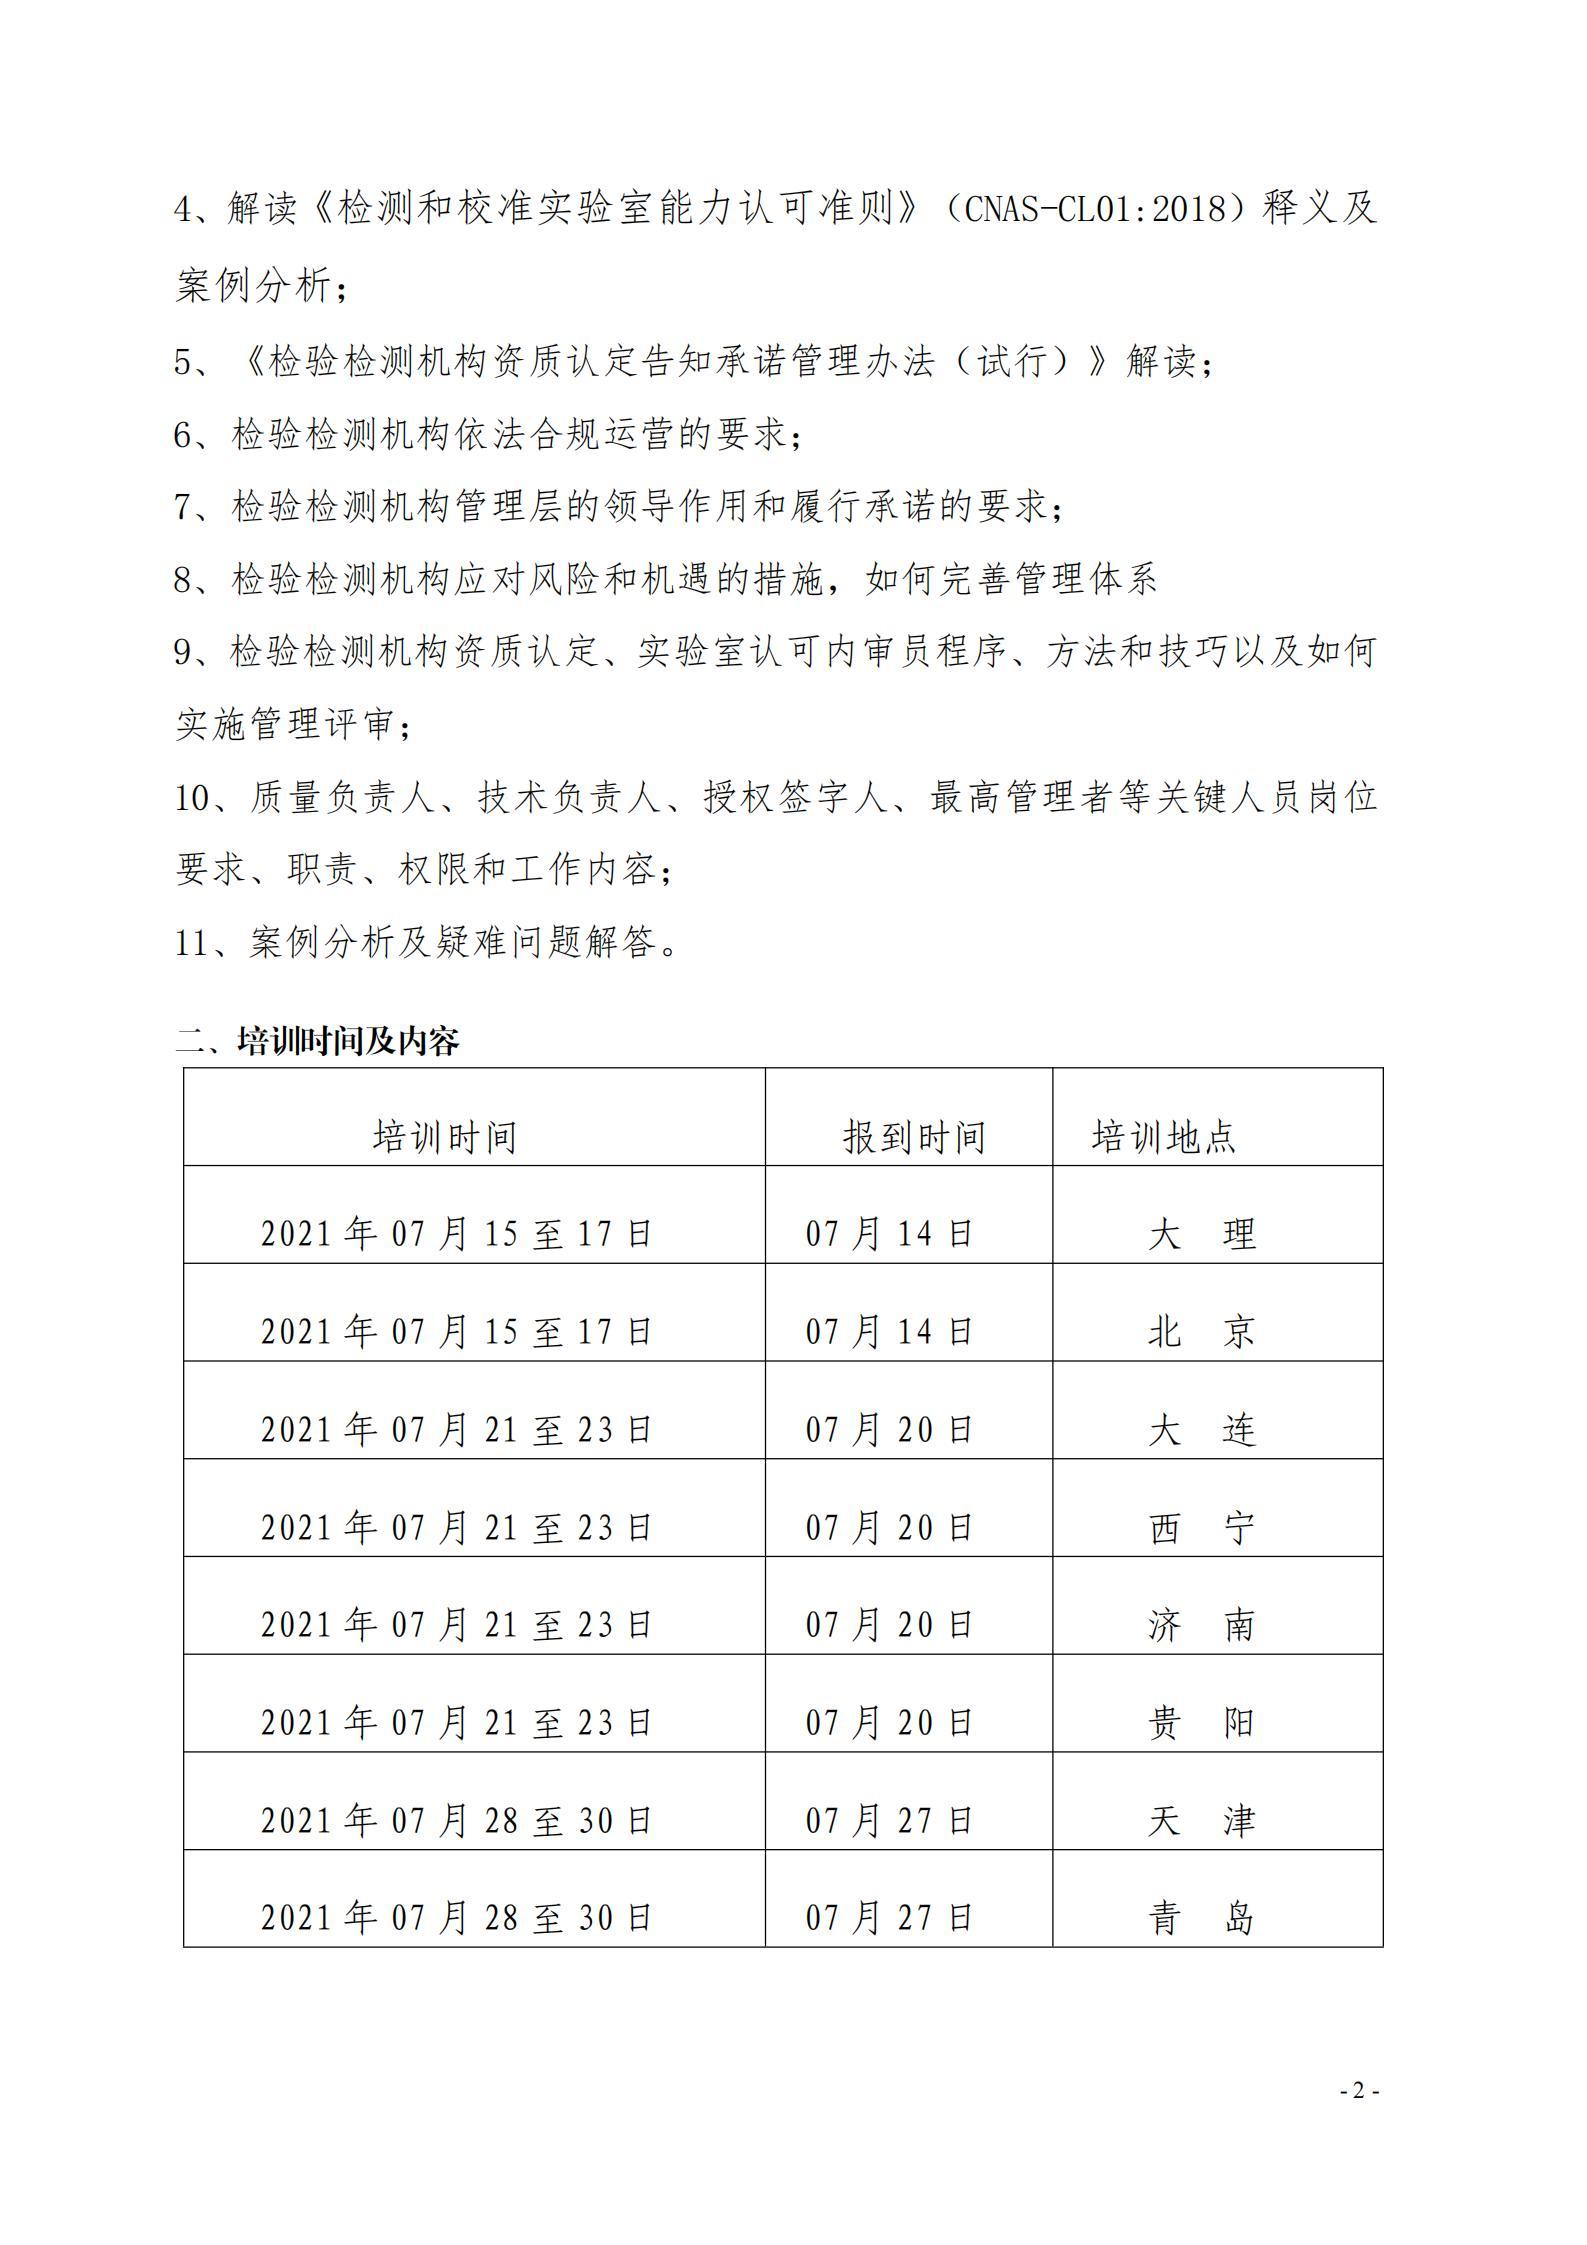 课程安排表_01.jpg